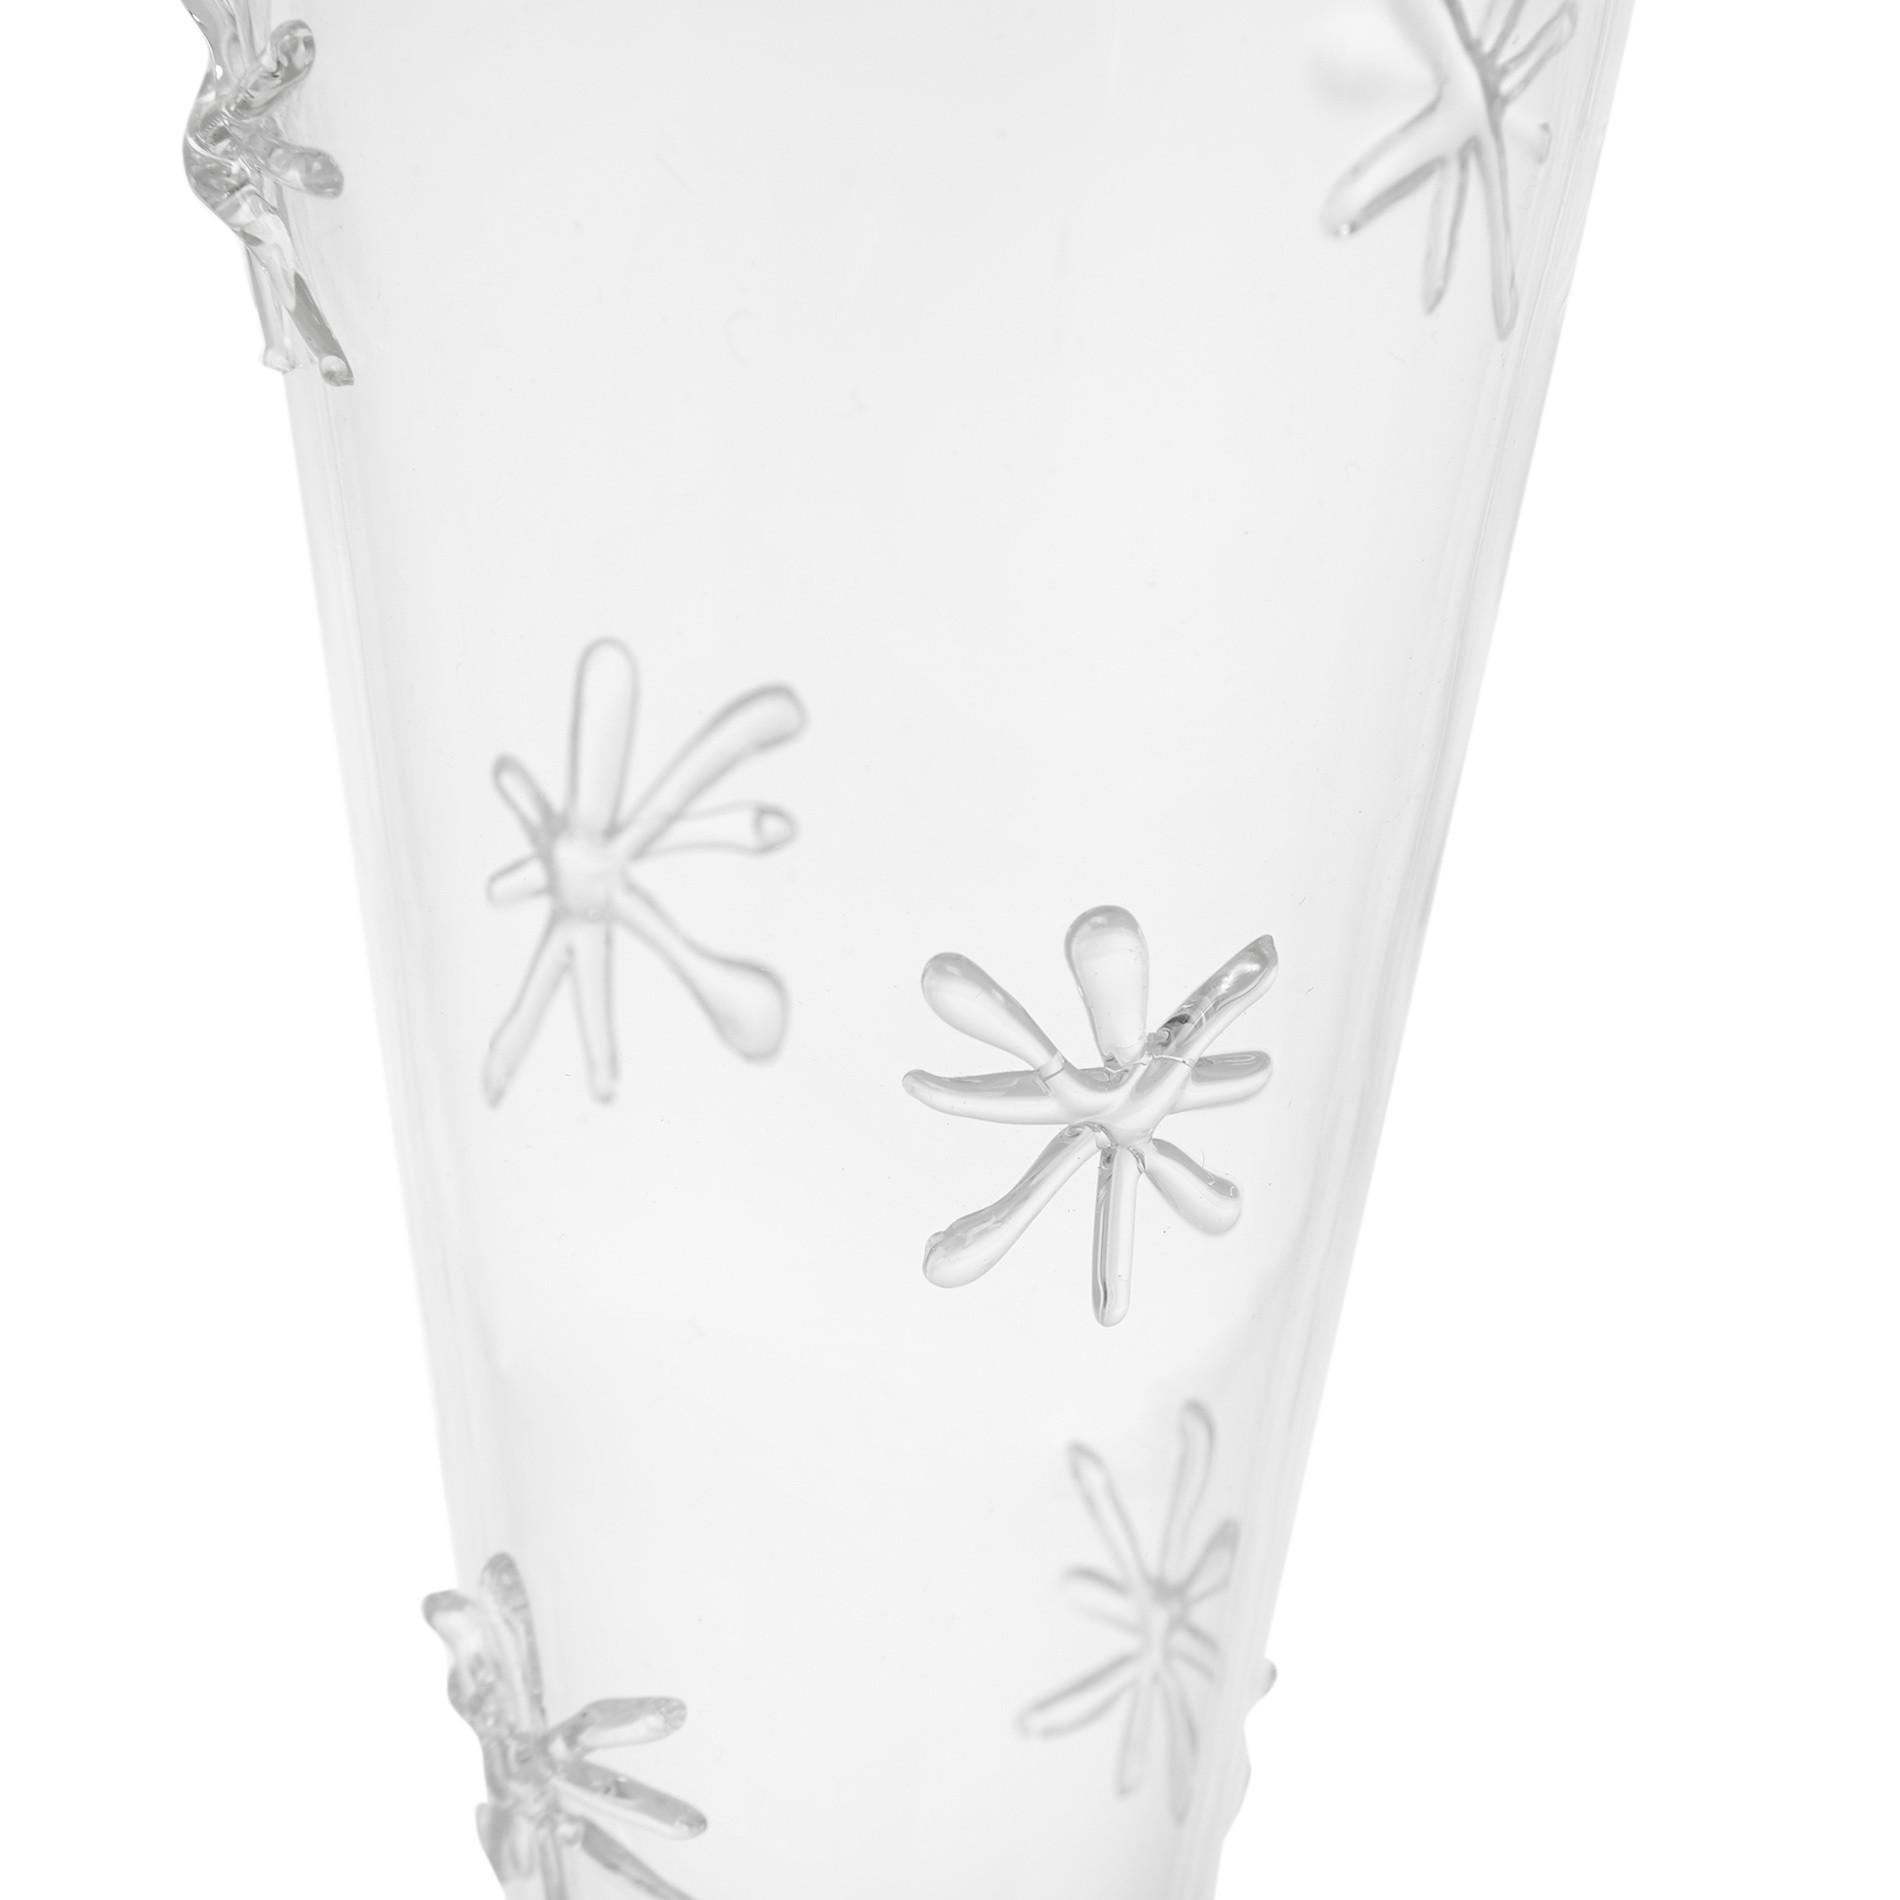 Set 6 flutes vetro borosilicato, Bianco, large image number 1